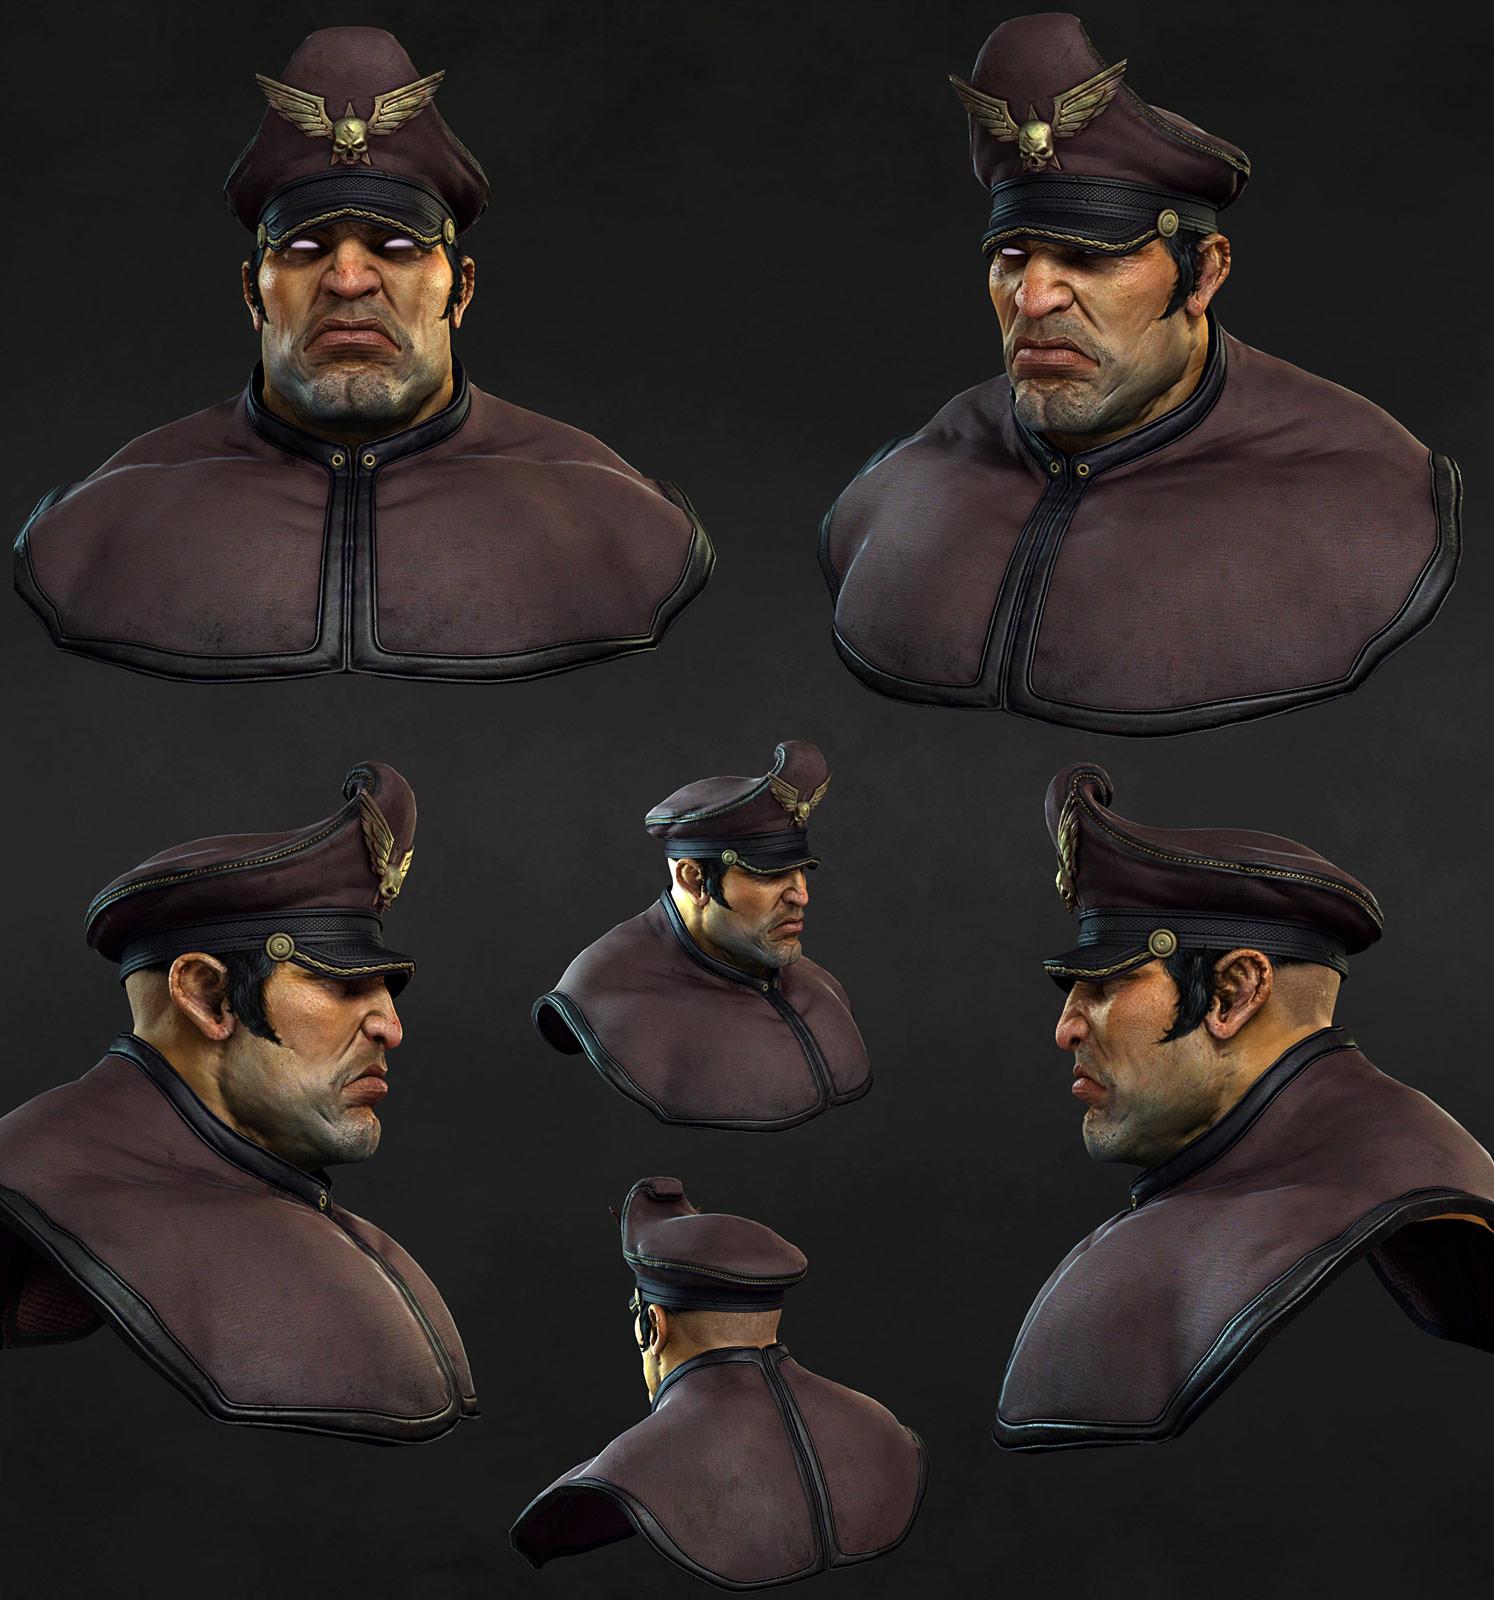 3D rendering of M. Bison #7